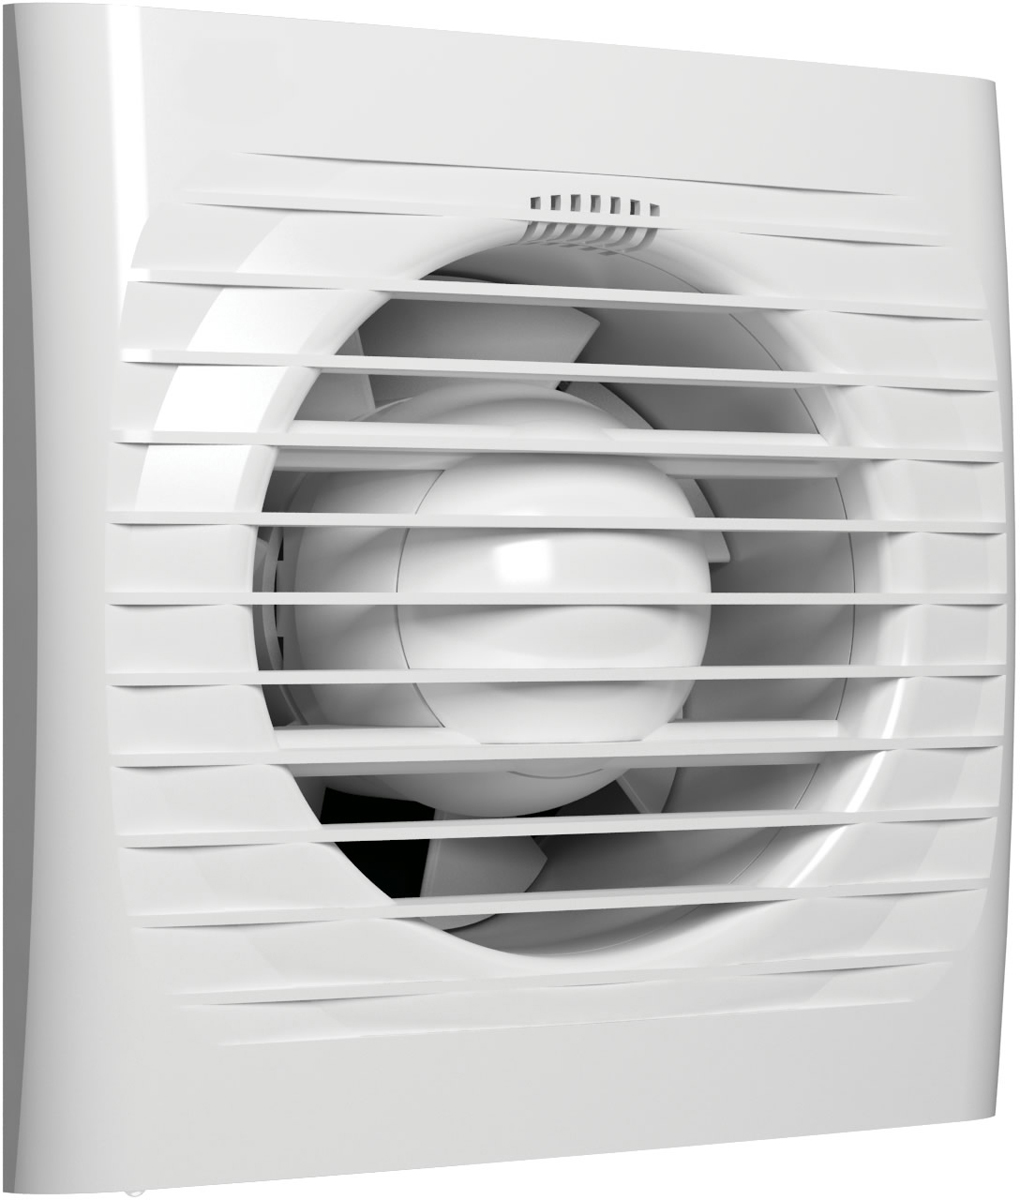 Auramax Optima 4 вентилятор осевойOPTIMA 4Вентилятор серии OPTIMA с диаметром фланца 100мм. OPTIMA - классическая линейка вентиляторов. Самая бюджетная серия вентиляторов, оснащенная самым простым набором функций и опций. Вентилятор выполнен в классическом дизайне, благодаря чему впишется в любой интерьер. Лицевая панель, корпус и крыльчатка изготовлены из высококачественного пластика. Классического белого цвета.